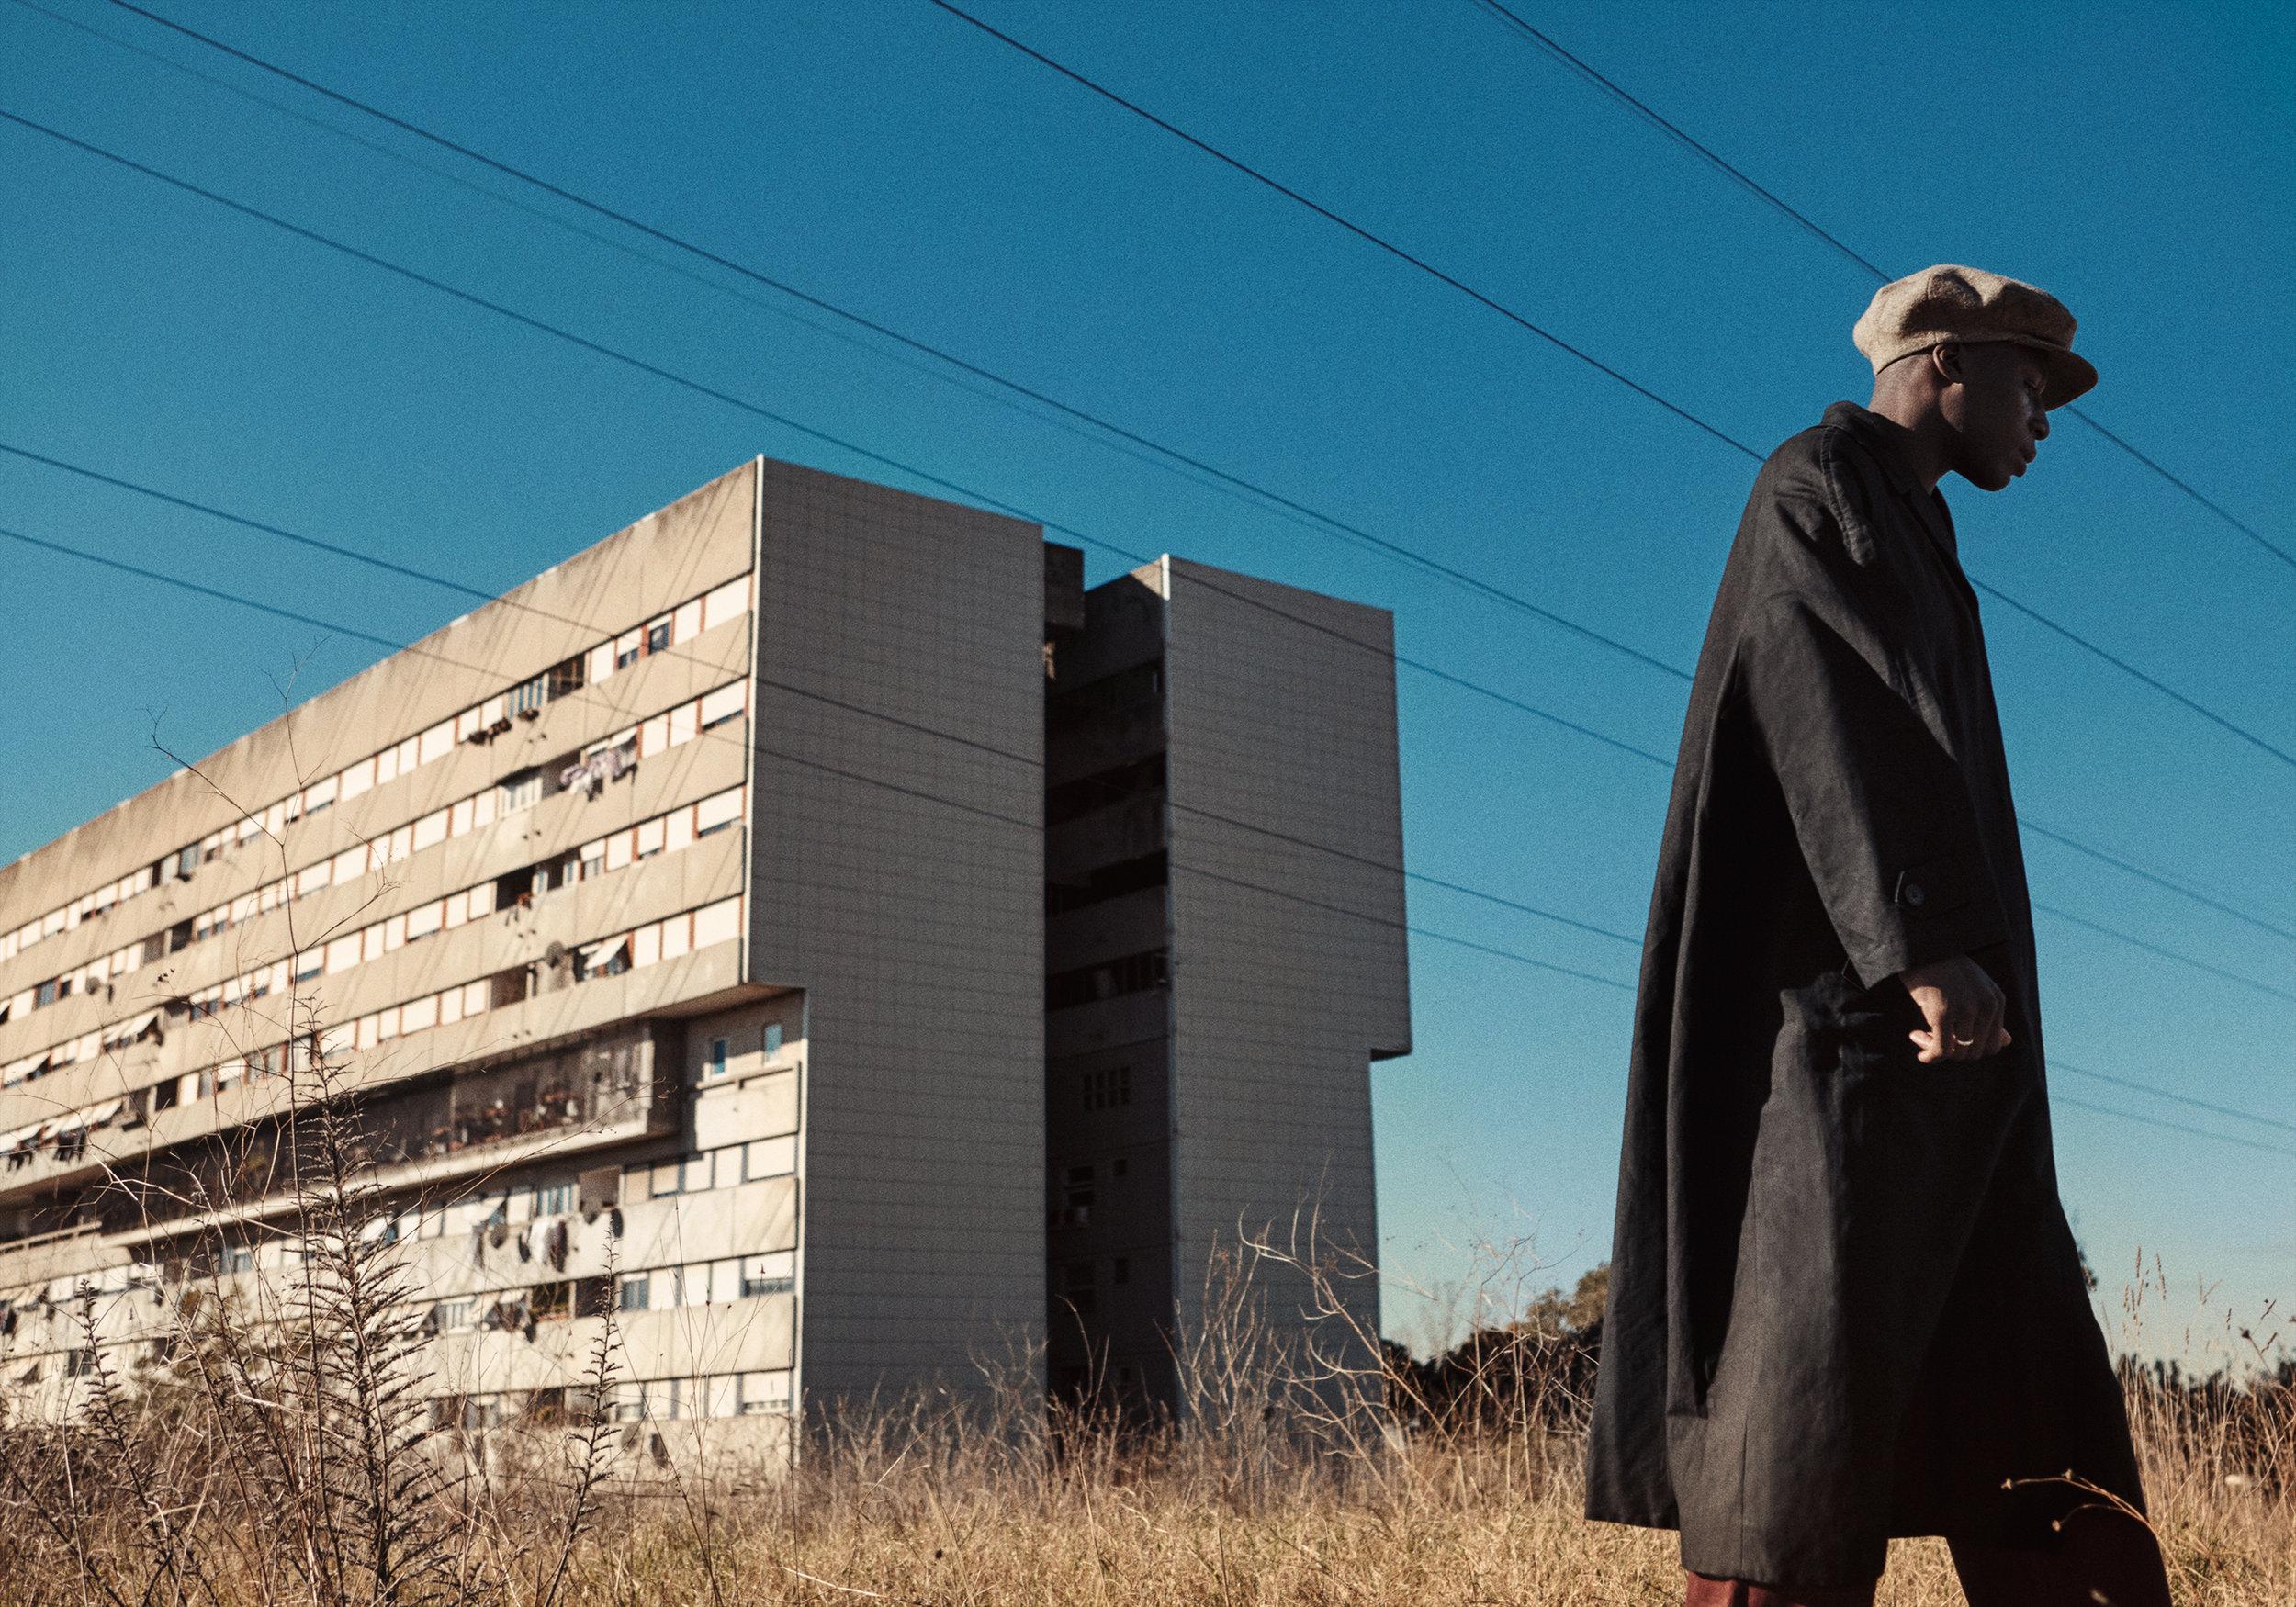 Black linen coat DRIES VAN NOTEN, burgundy trousers PAL ZILERI, wool tweed flat cap LOCK & CO HATTERS.